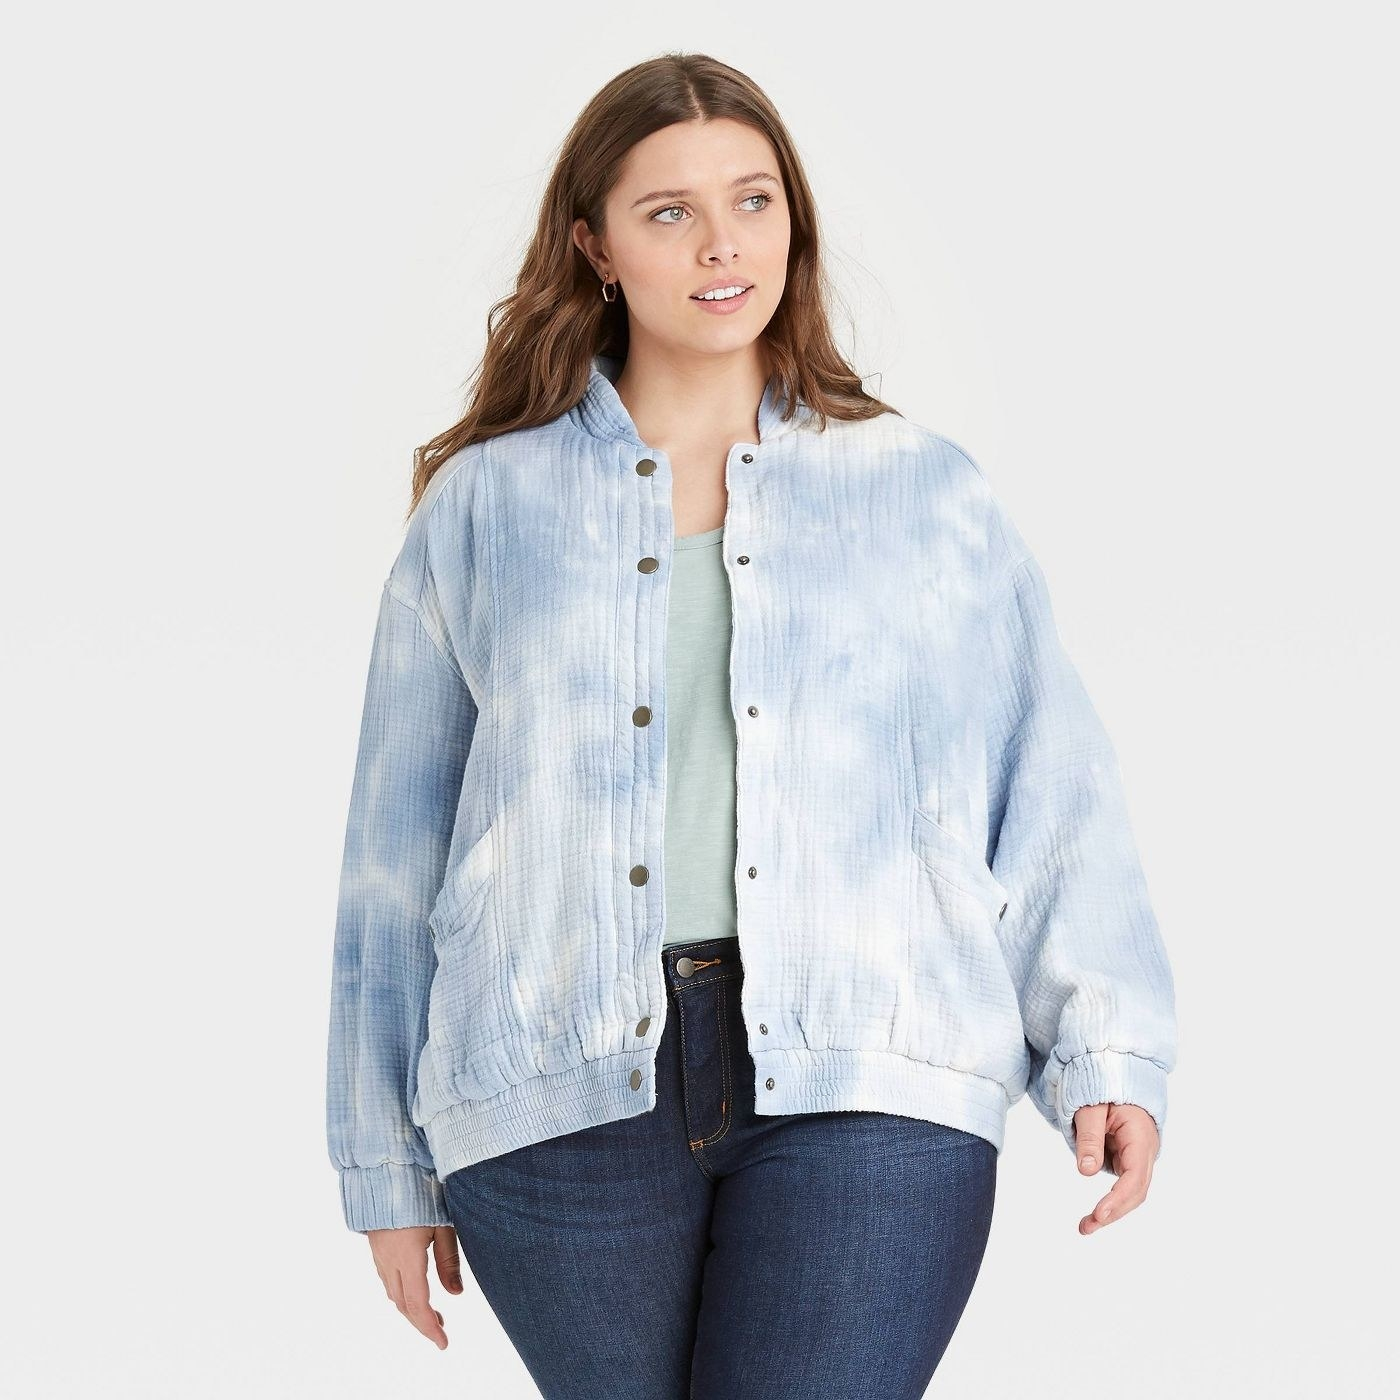 Model in blue tie dye cloth jacket